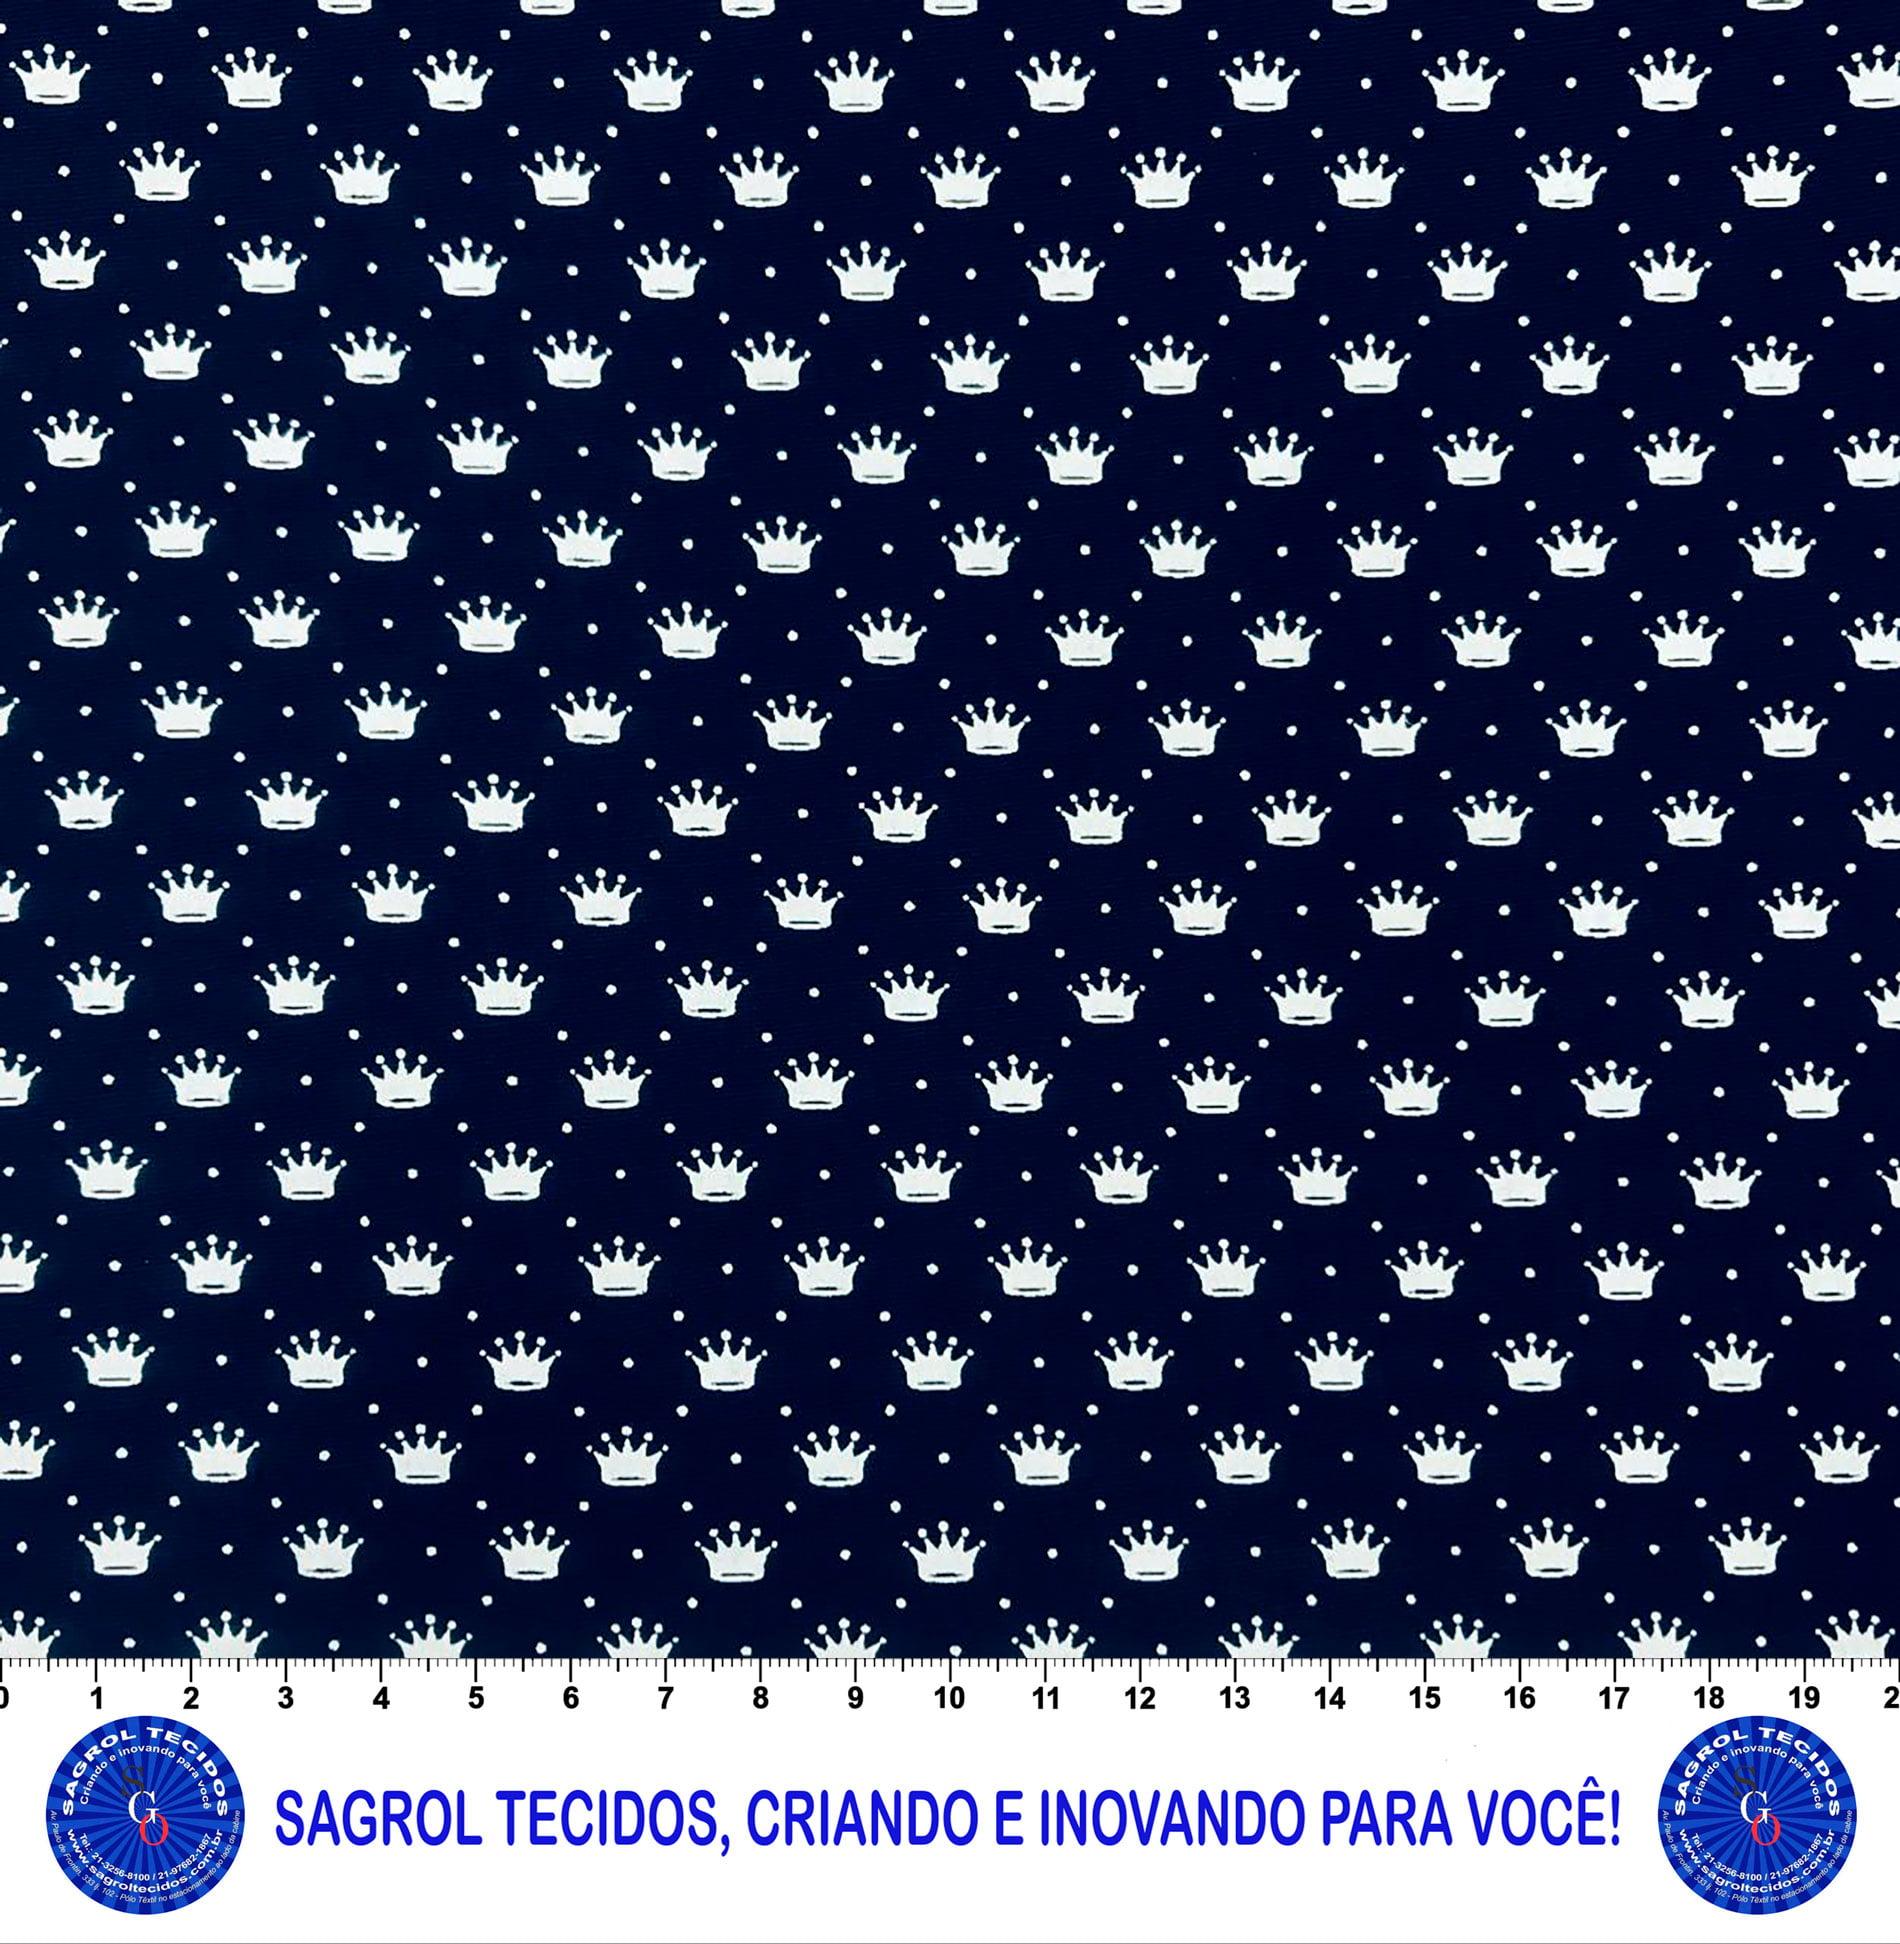 TECIDO TRICOLINE ESTAMPA COROAS BRANCAS FUNDO MARINHO 100% ALGODÃO COM 1,50 LG 5EE6A76646428